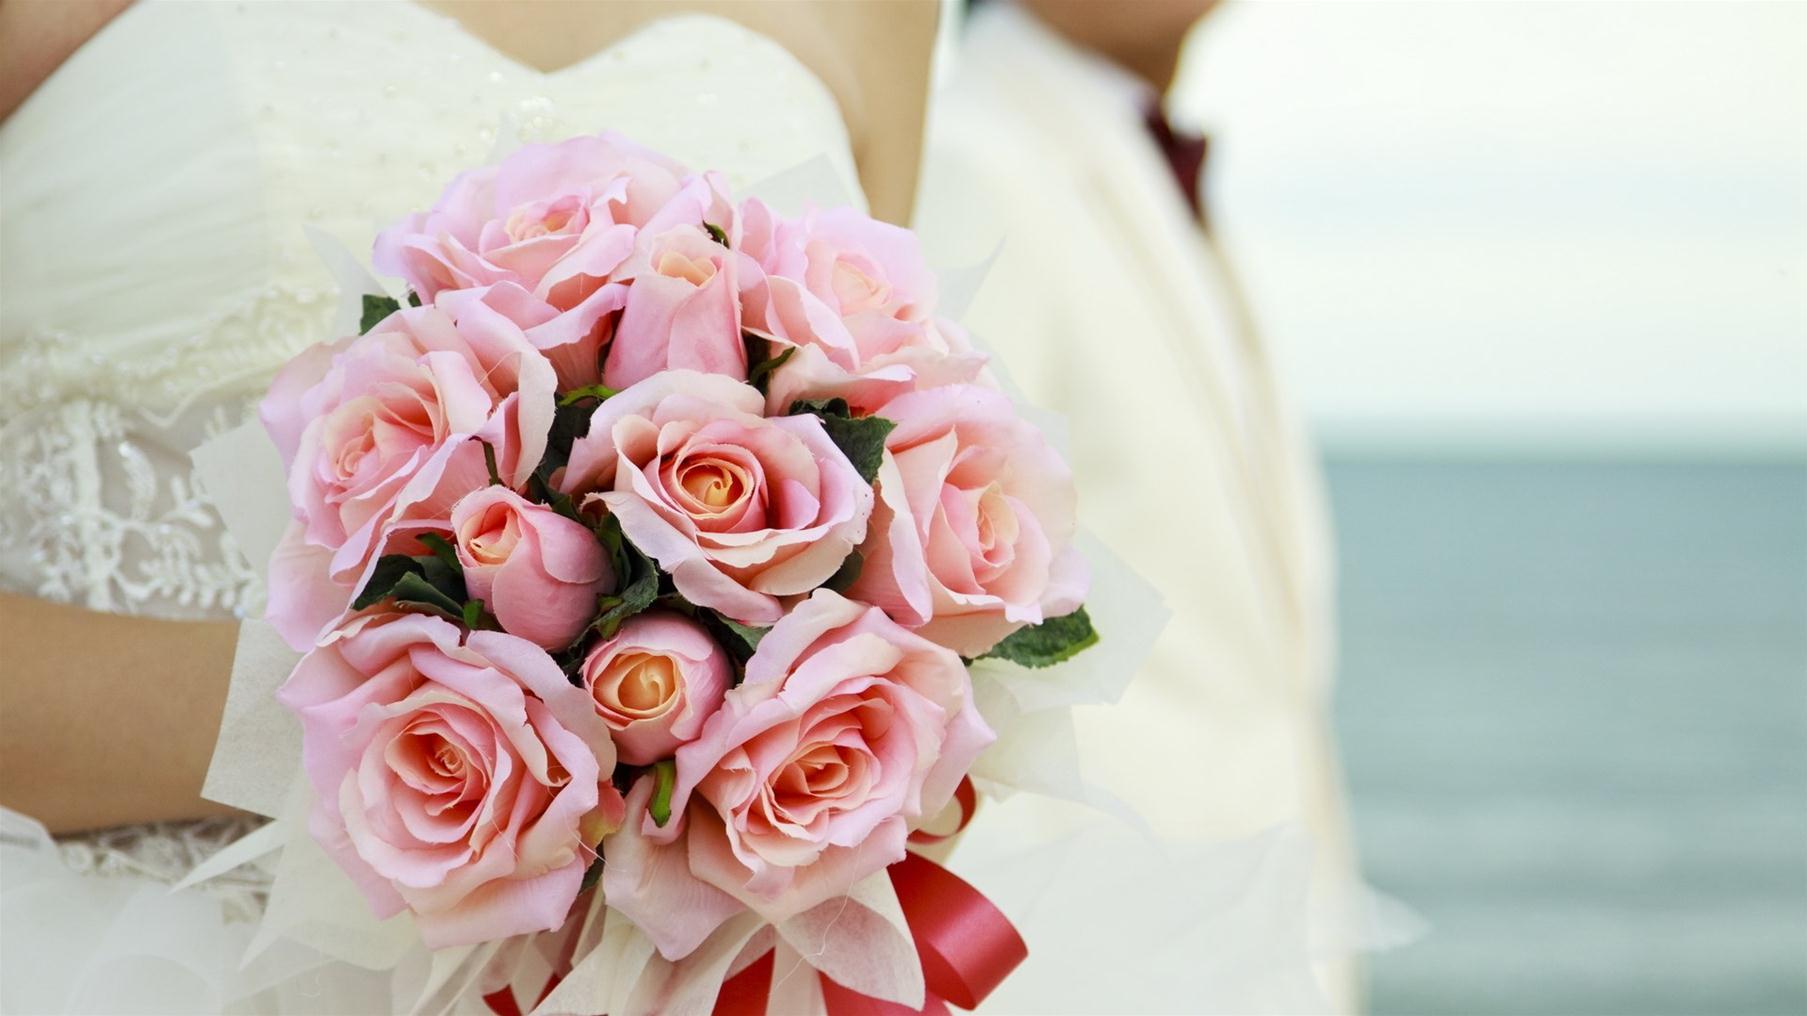 Wedding Flowers - Mr Michaels Florist Bellshill Coatbridge